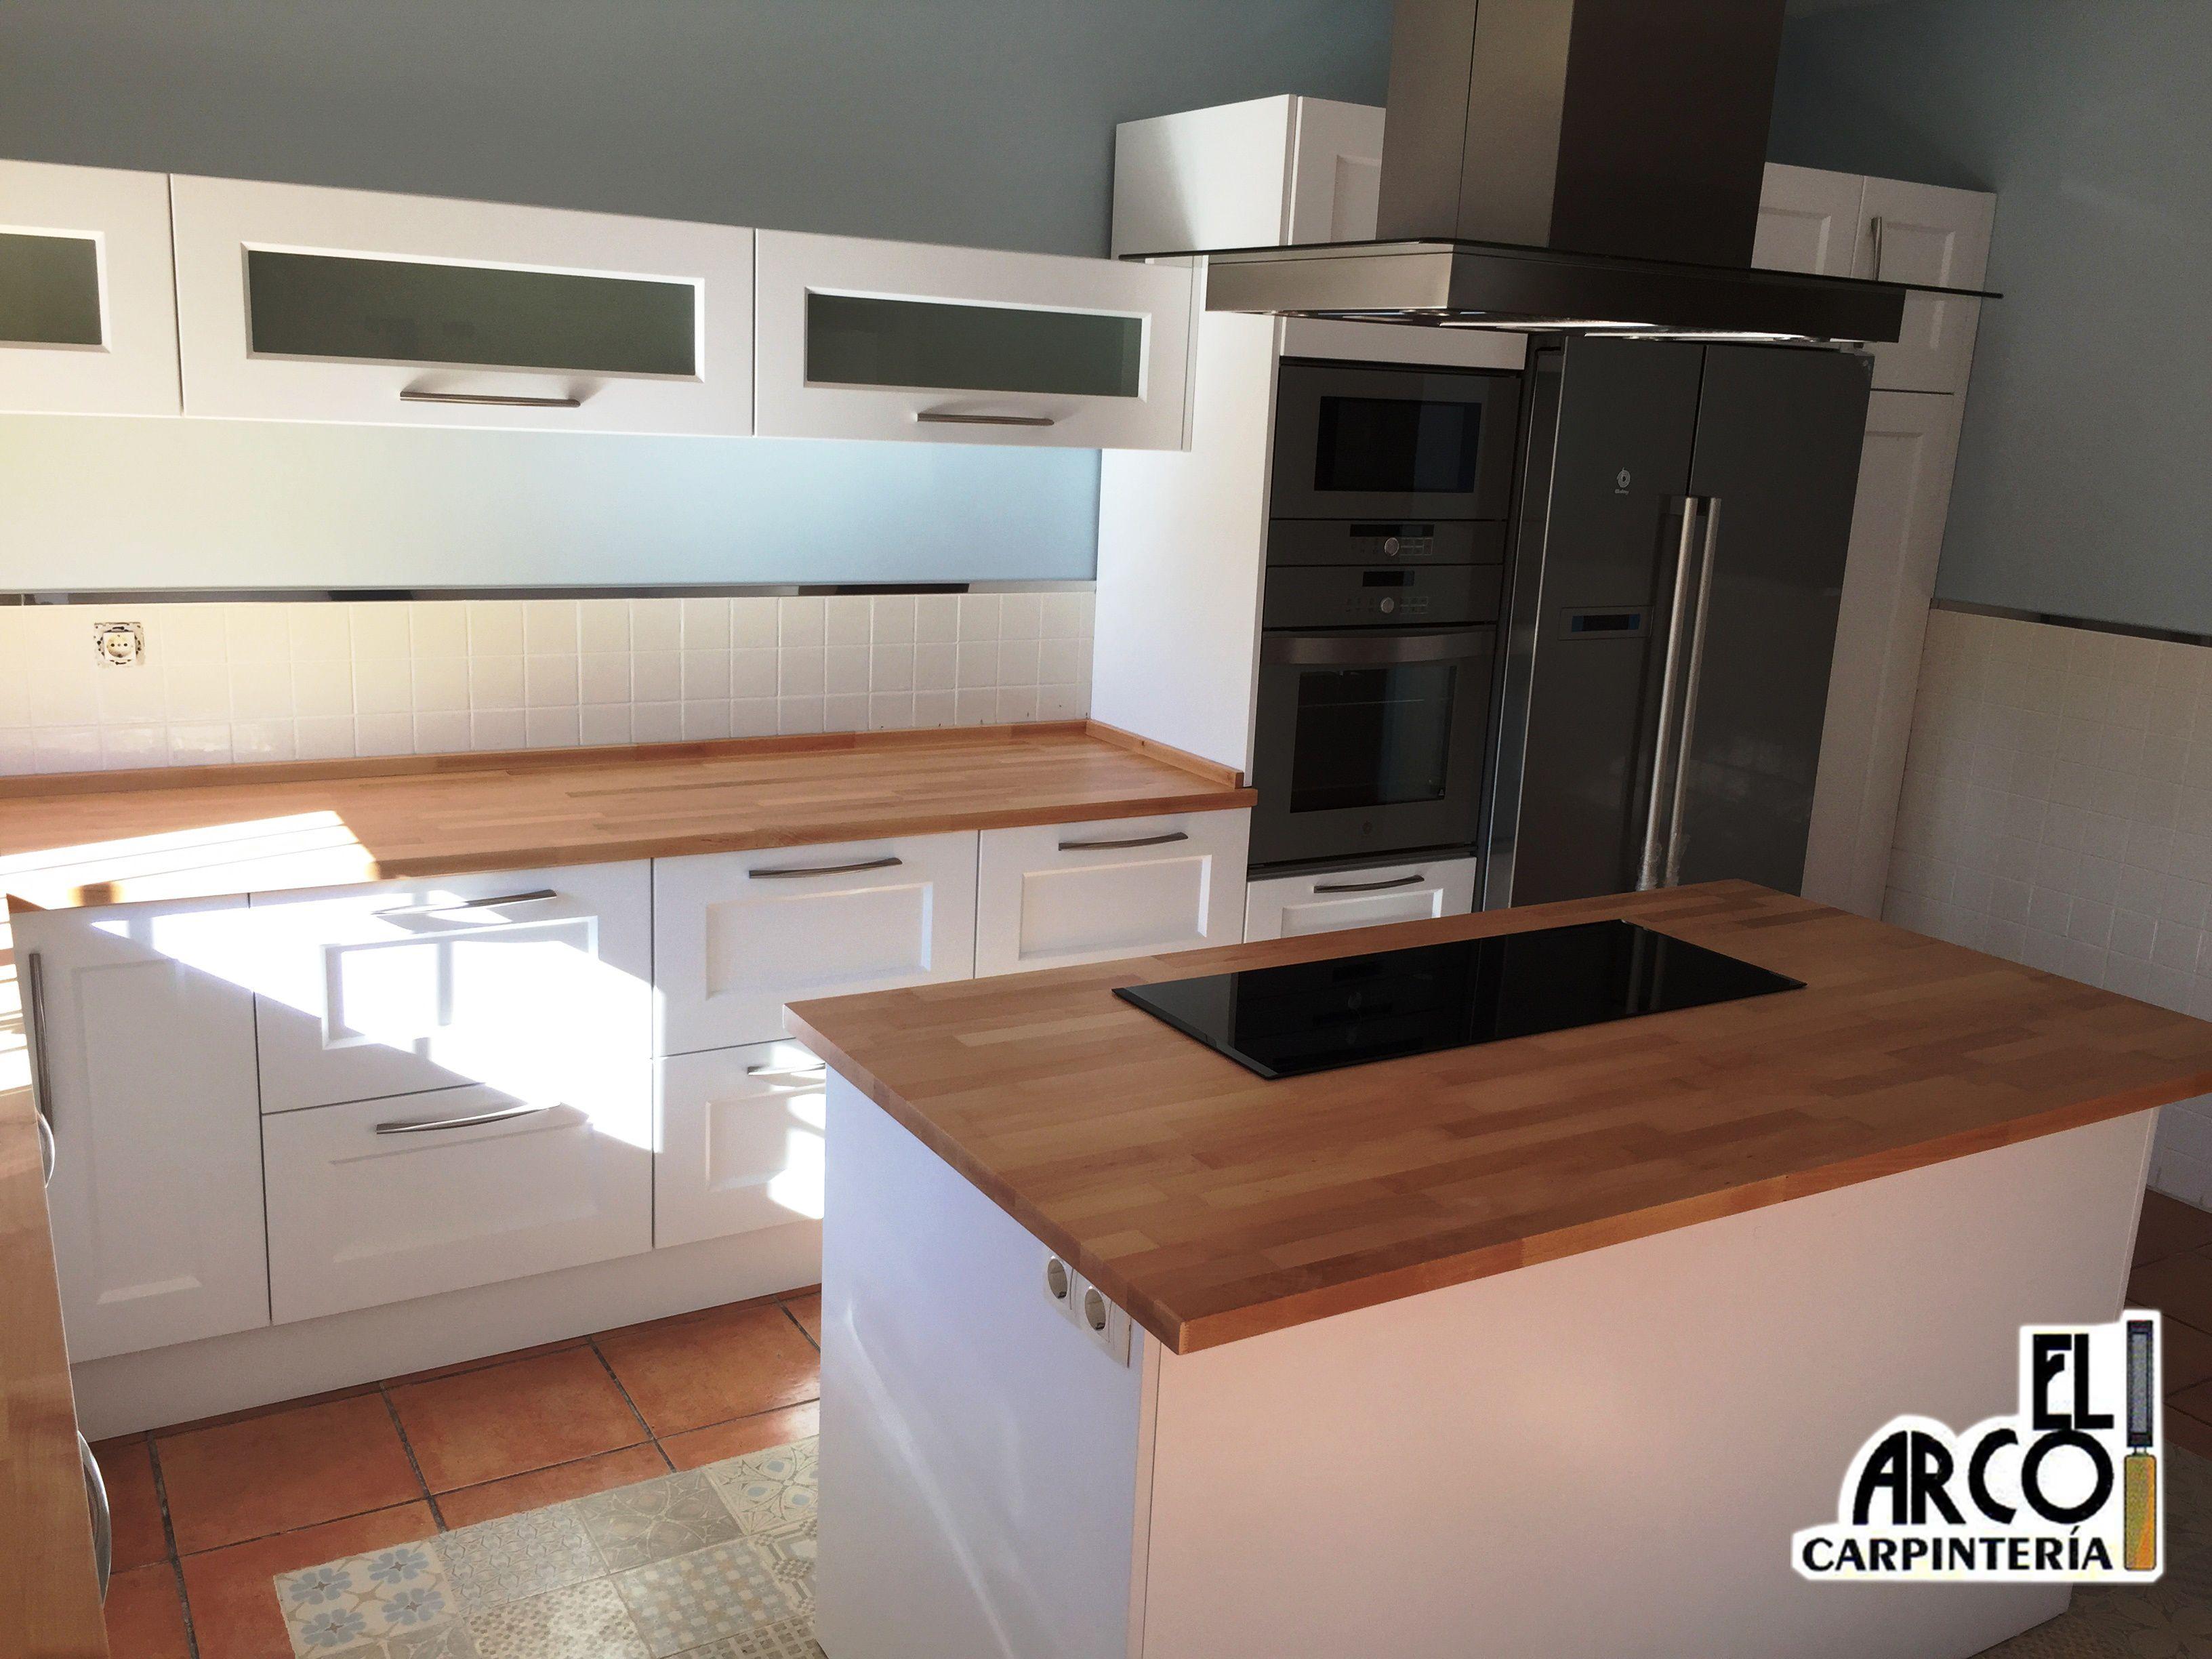 Pin de el arco carpinter a cocinas utrera en cocina mdf lacada en color blanco encimera de - Hogar decoracion sevilla ...